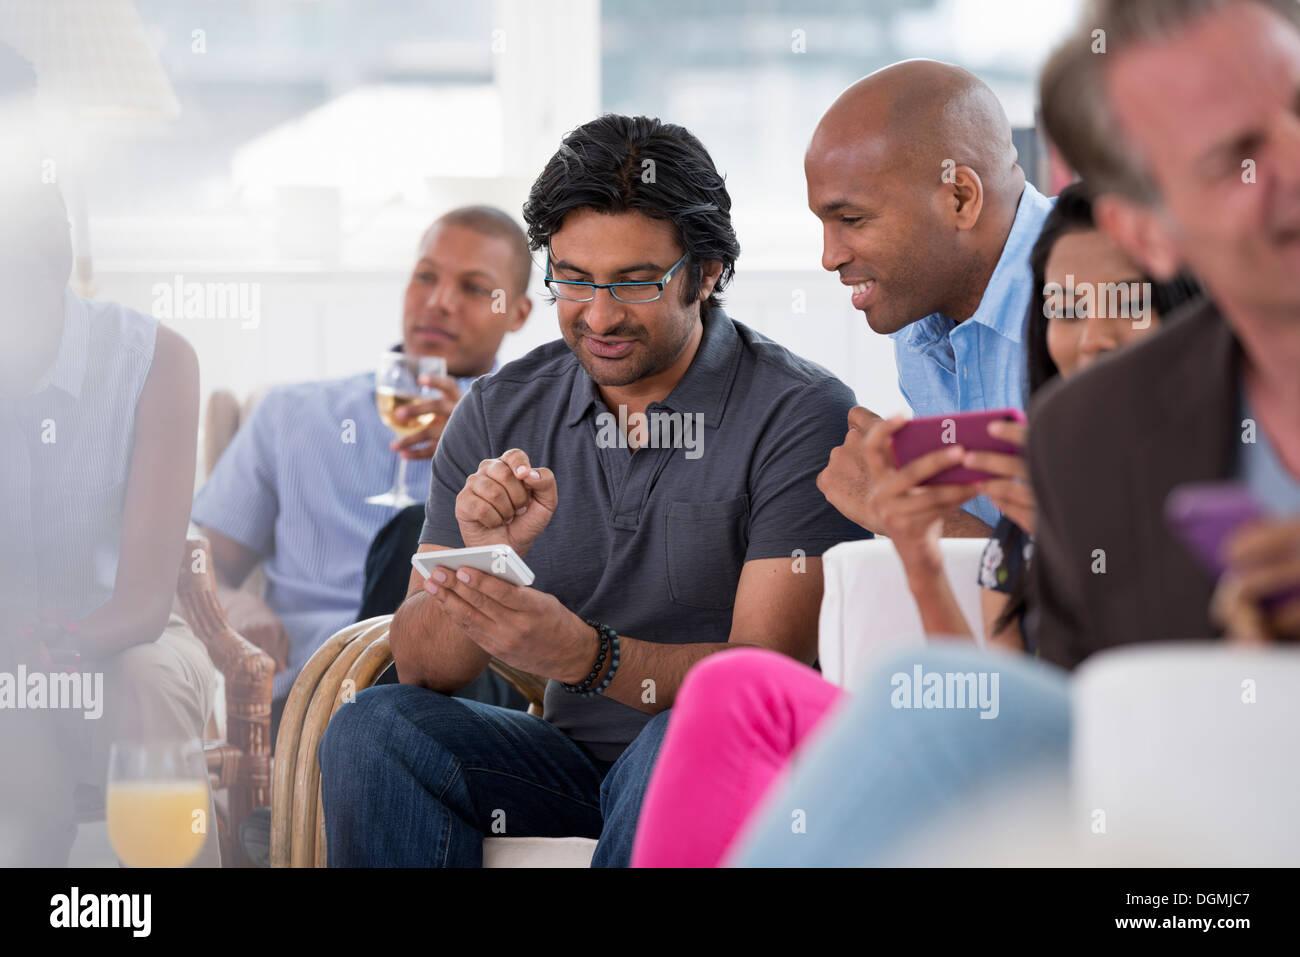 Office de l'événement. Une femme contrôle de son téléphone intelligent. Photo Stock